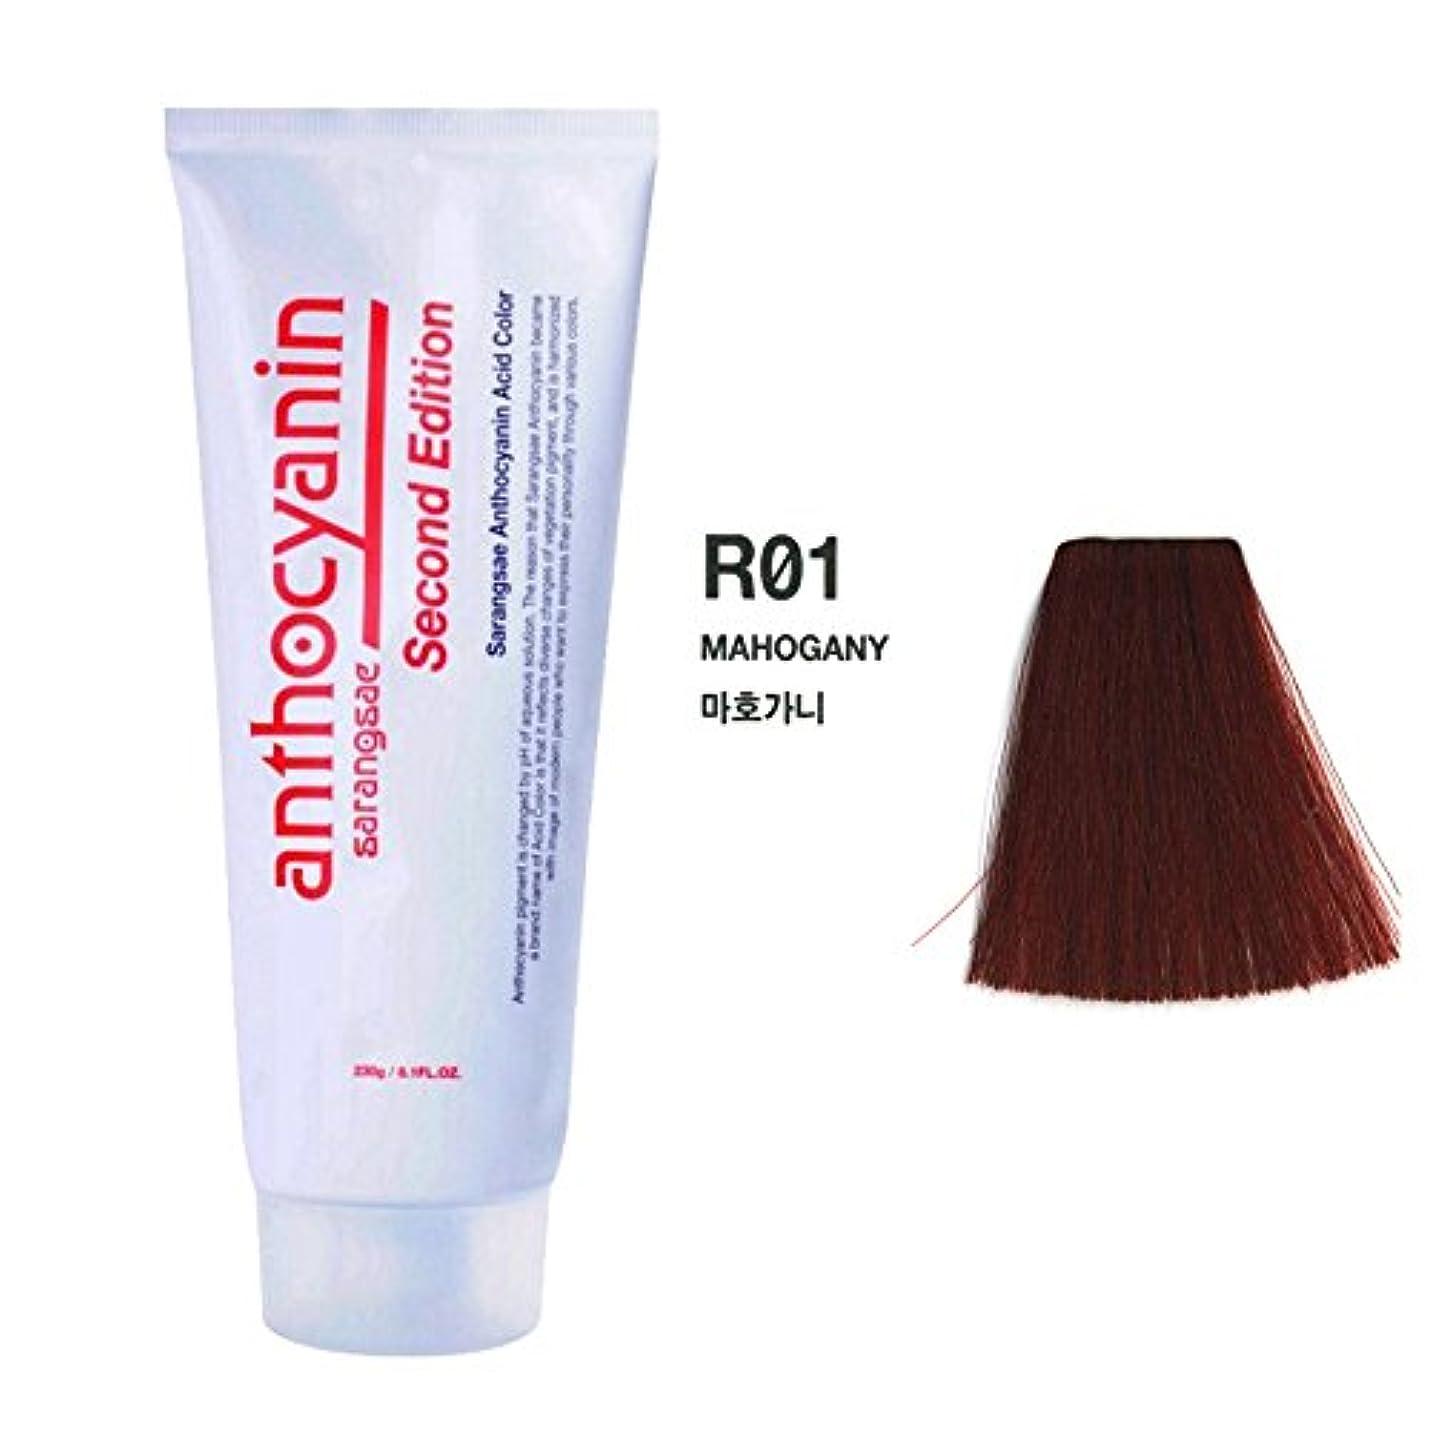 絶望無体系的にヘア マニキュア カラー セカンド エディション 230g セミ パーマネント 染毛剤 ( Hair Manicure Color Second Edition 230g Semi Permanent Hair Dye) [並行輸入品] (R01 Mahogany)